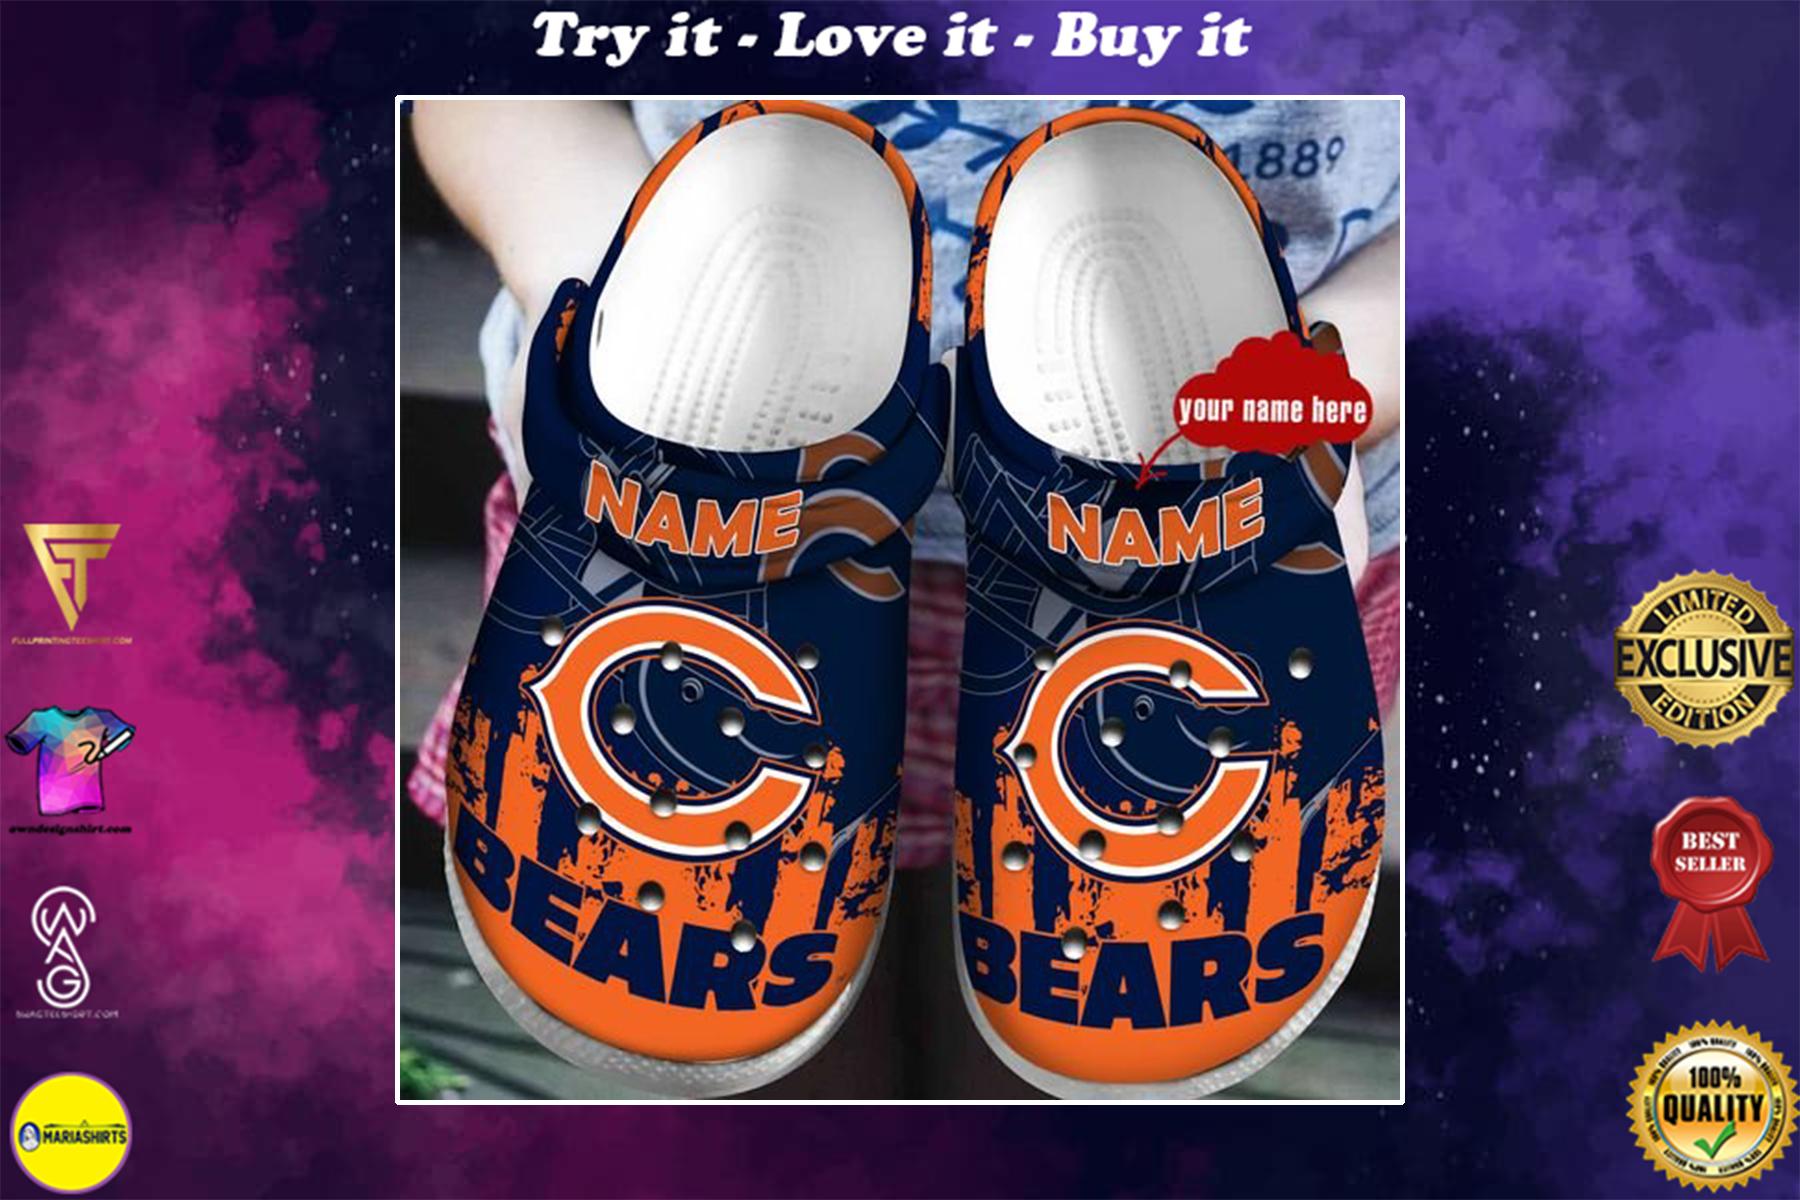 [special edition] crocs custom name chicago bears football team clog - maria